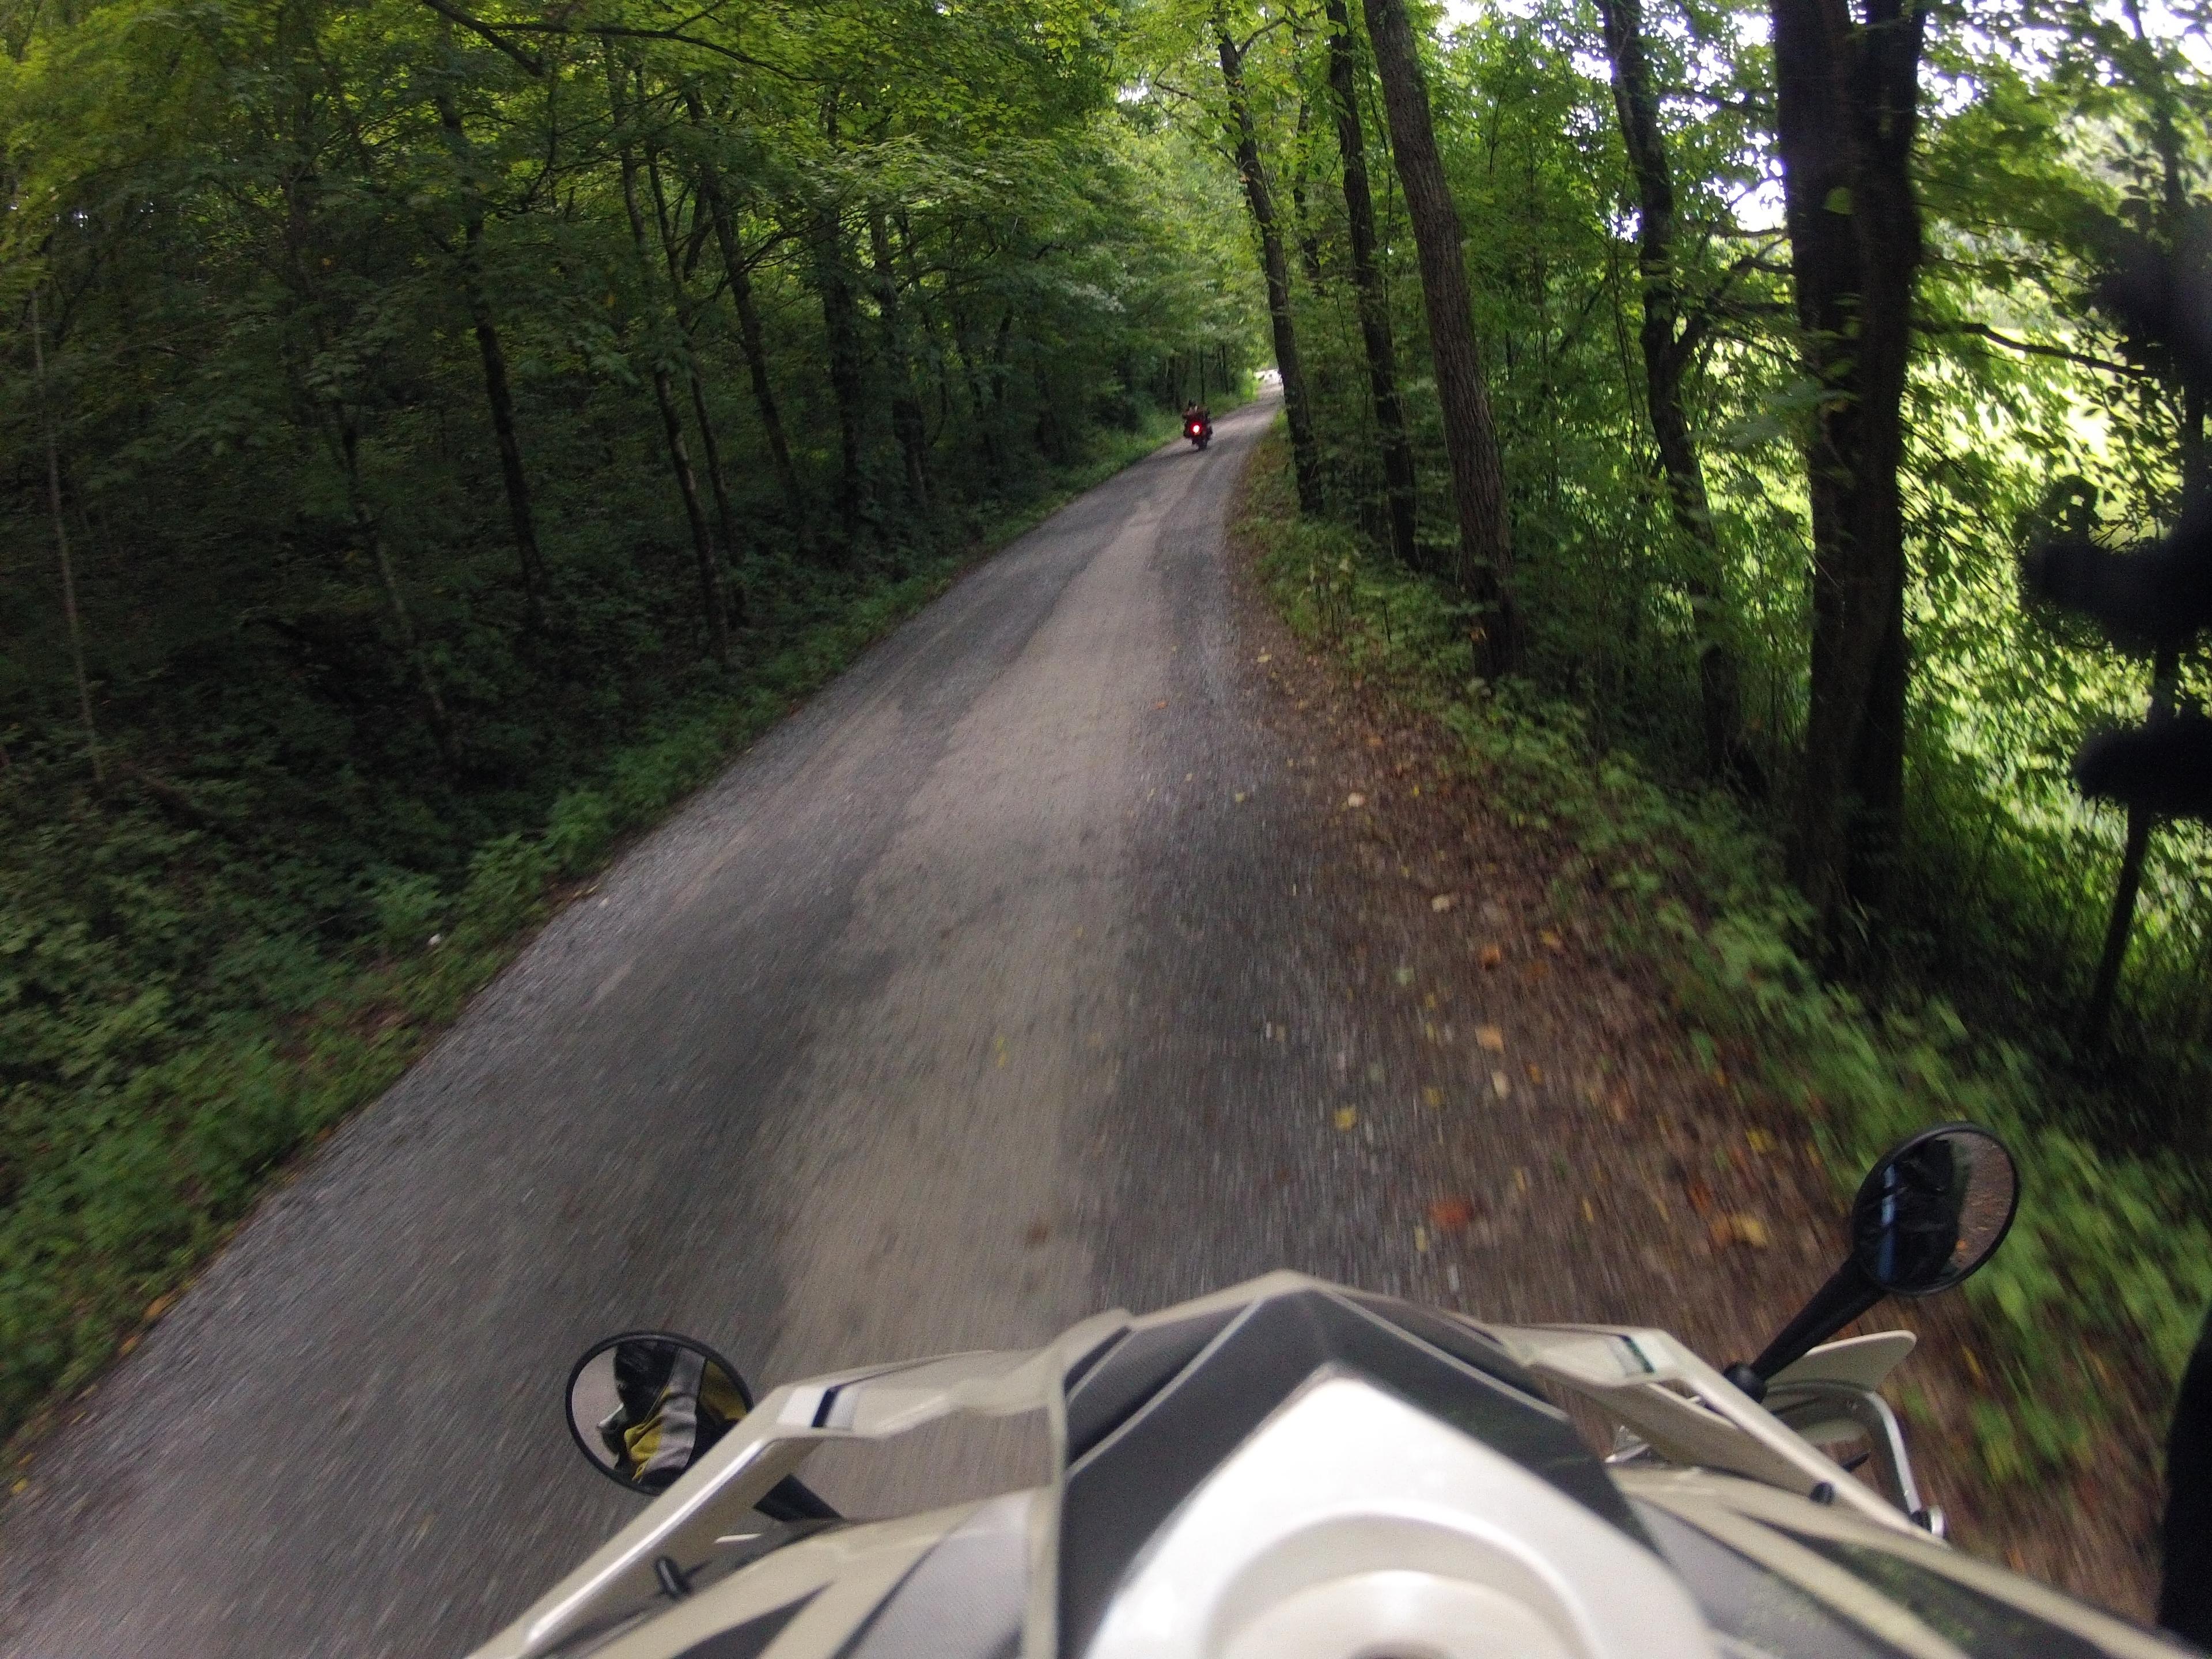 gopro of gravel road